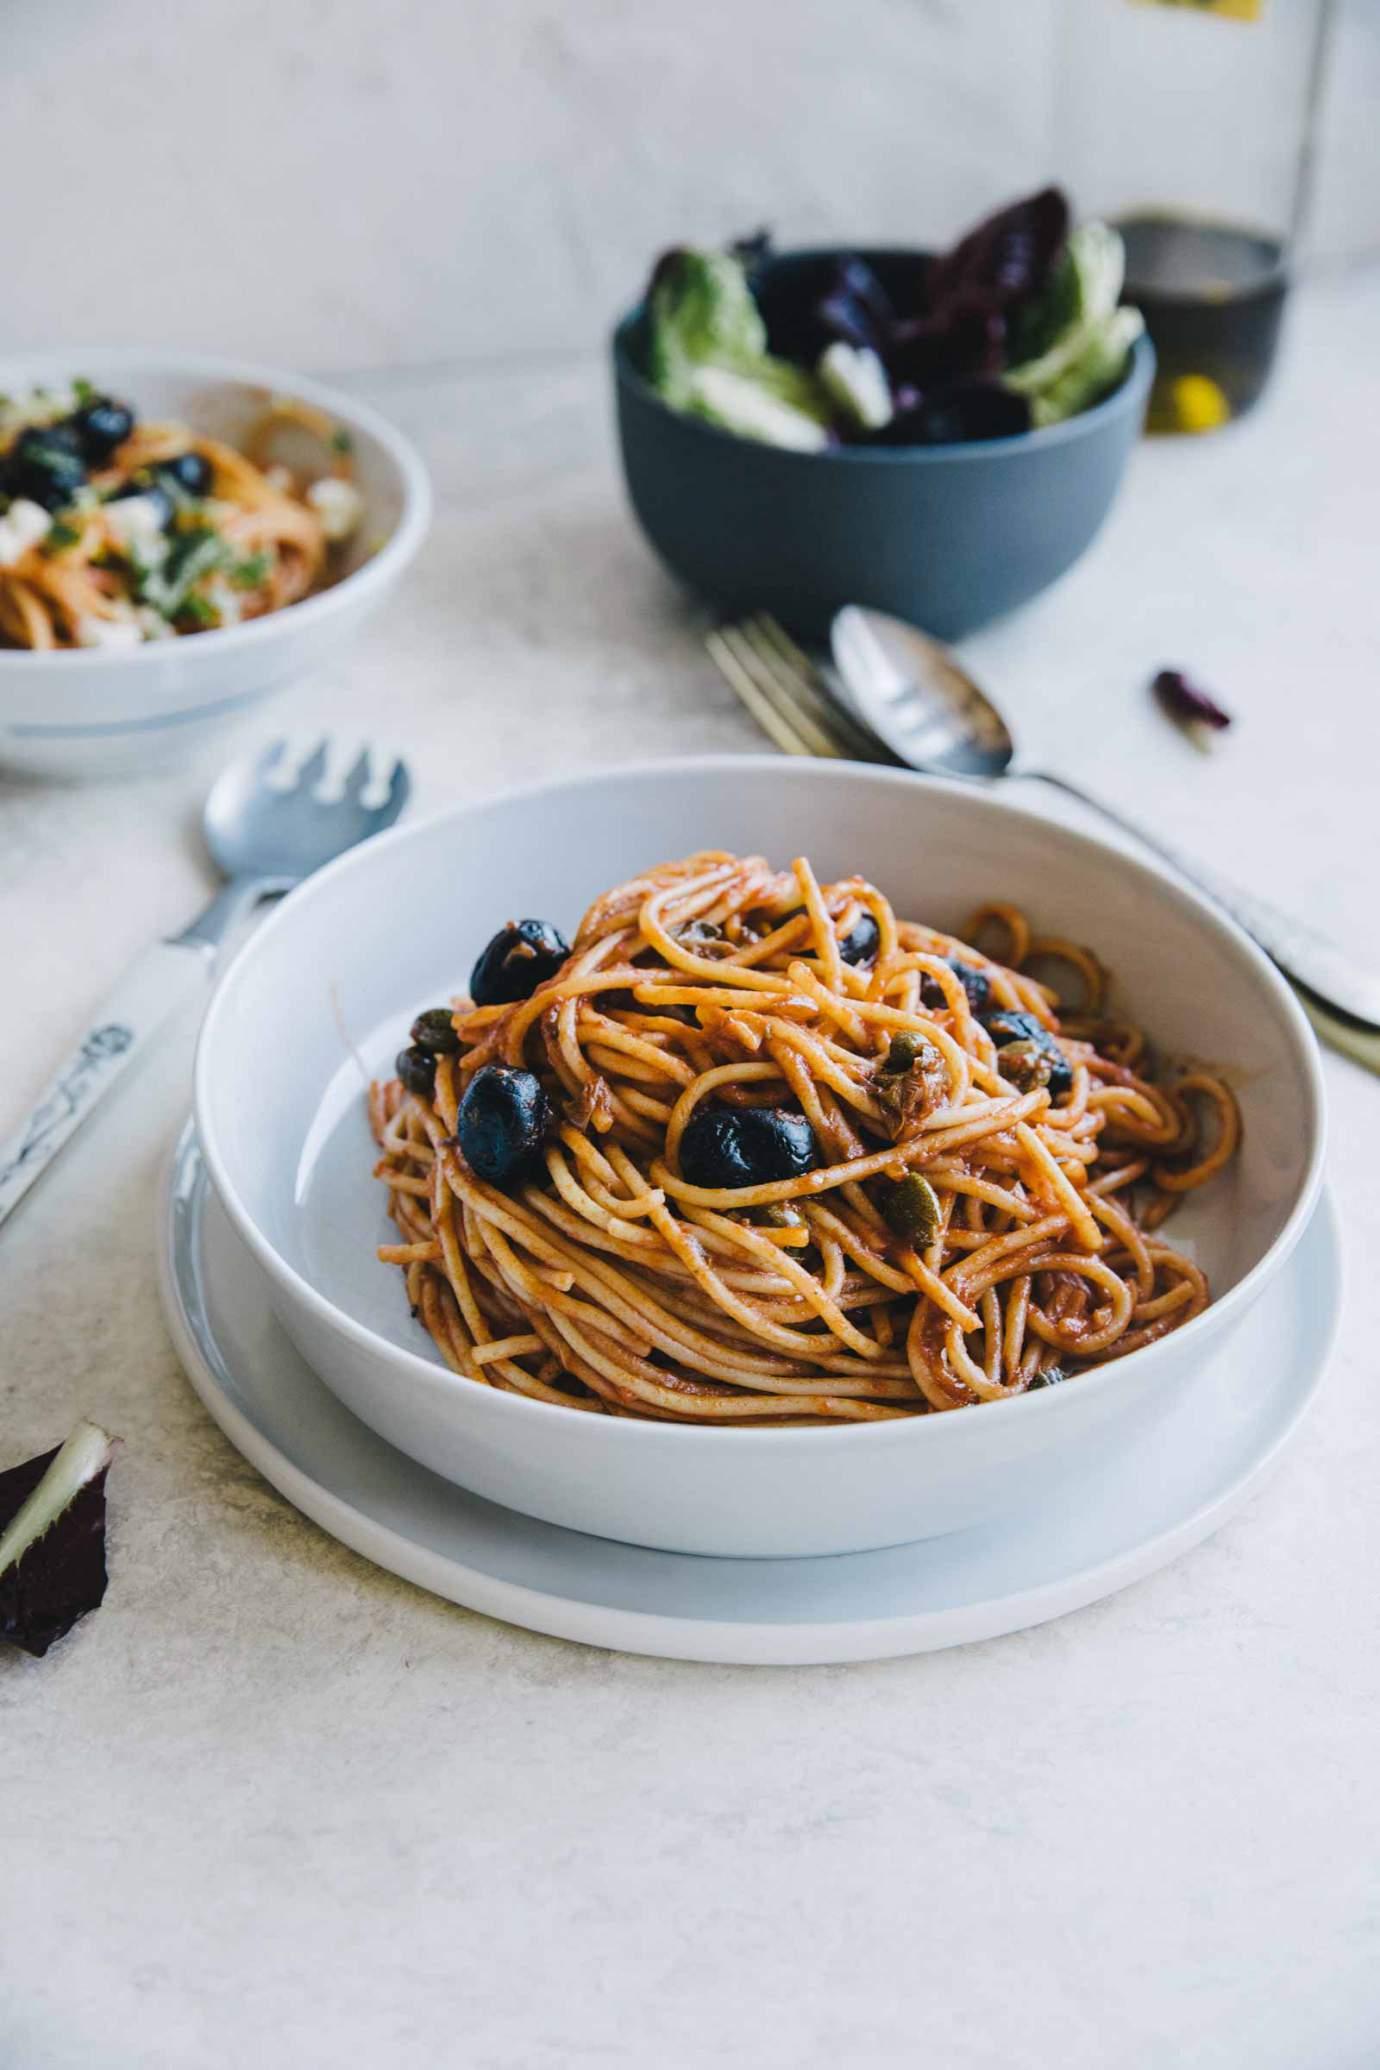 Spaghetti alla Puttanesca served in a bowl with parsley and mozzarella